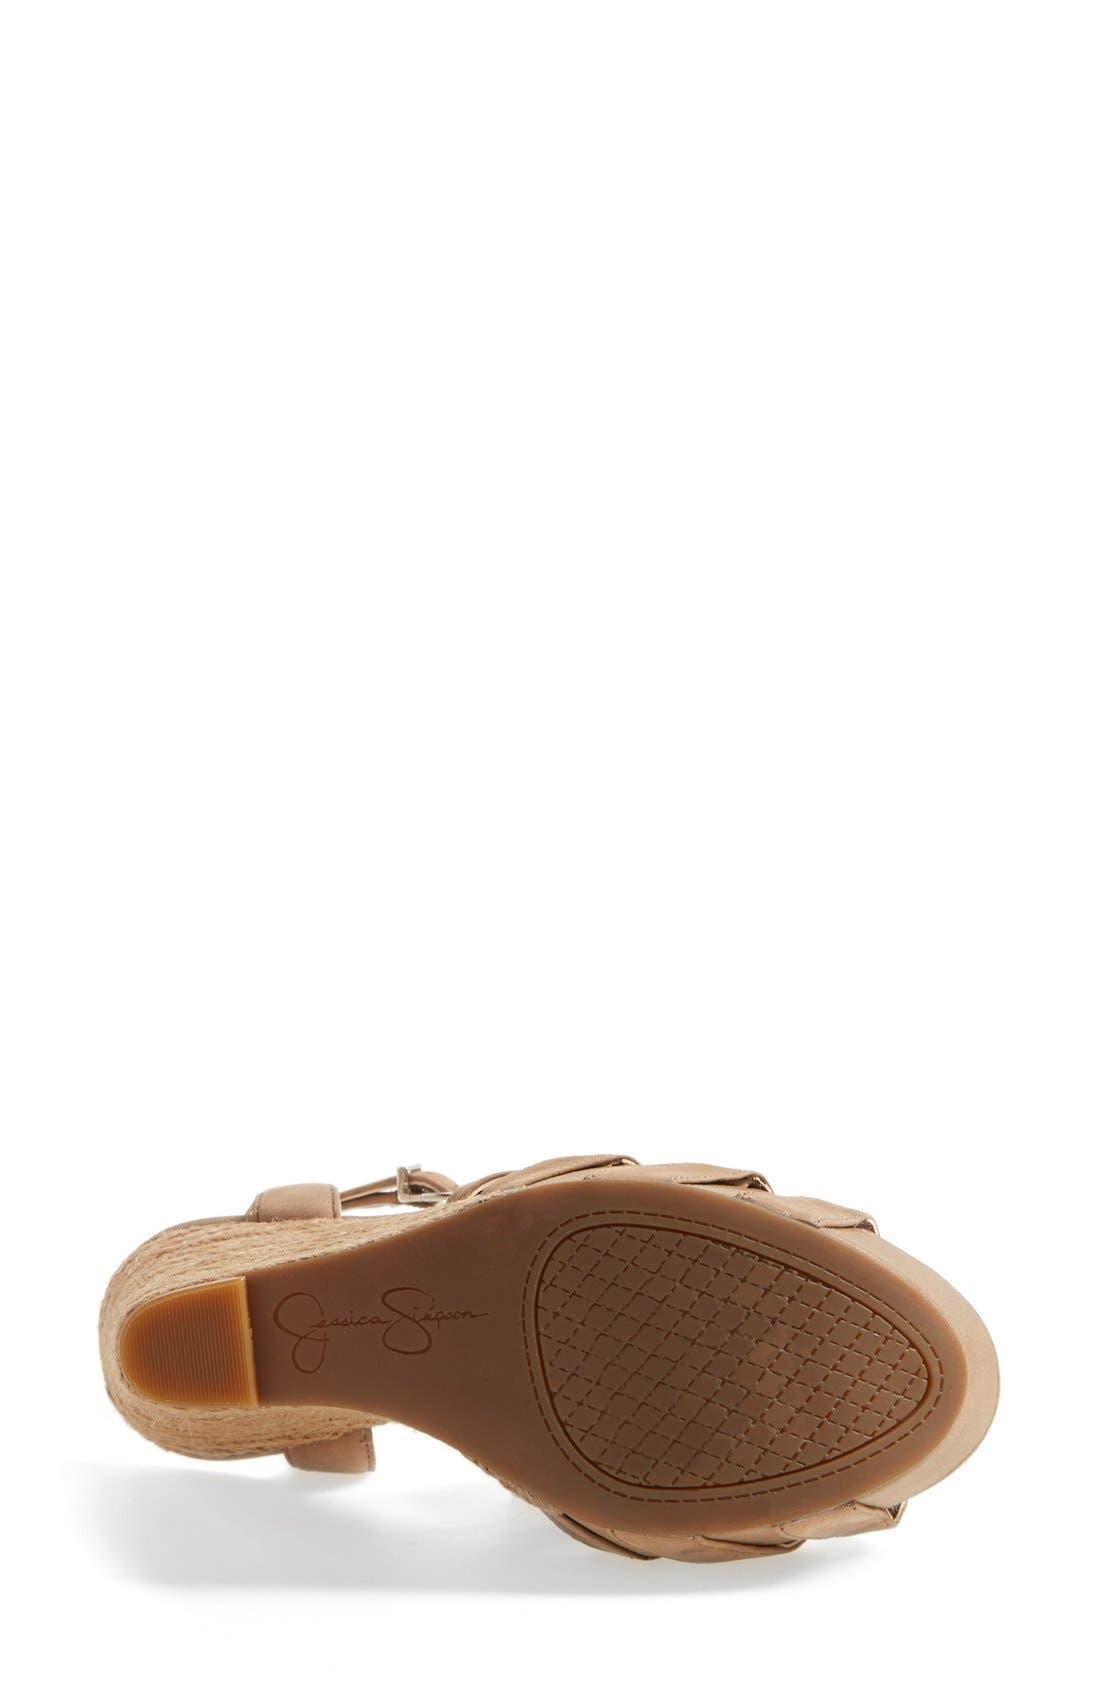 'Bristol' Ankle Strap Platform Wedge Sandal,                             Alternate thumbnail 3, color,                             250